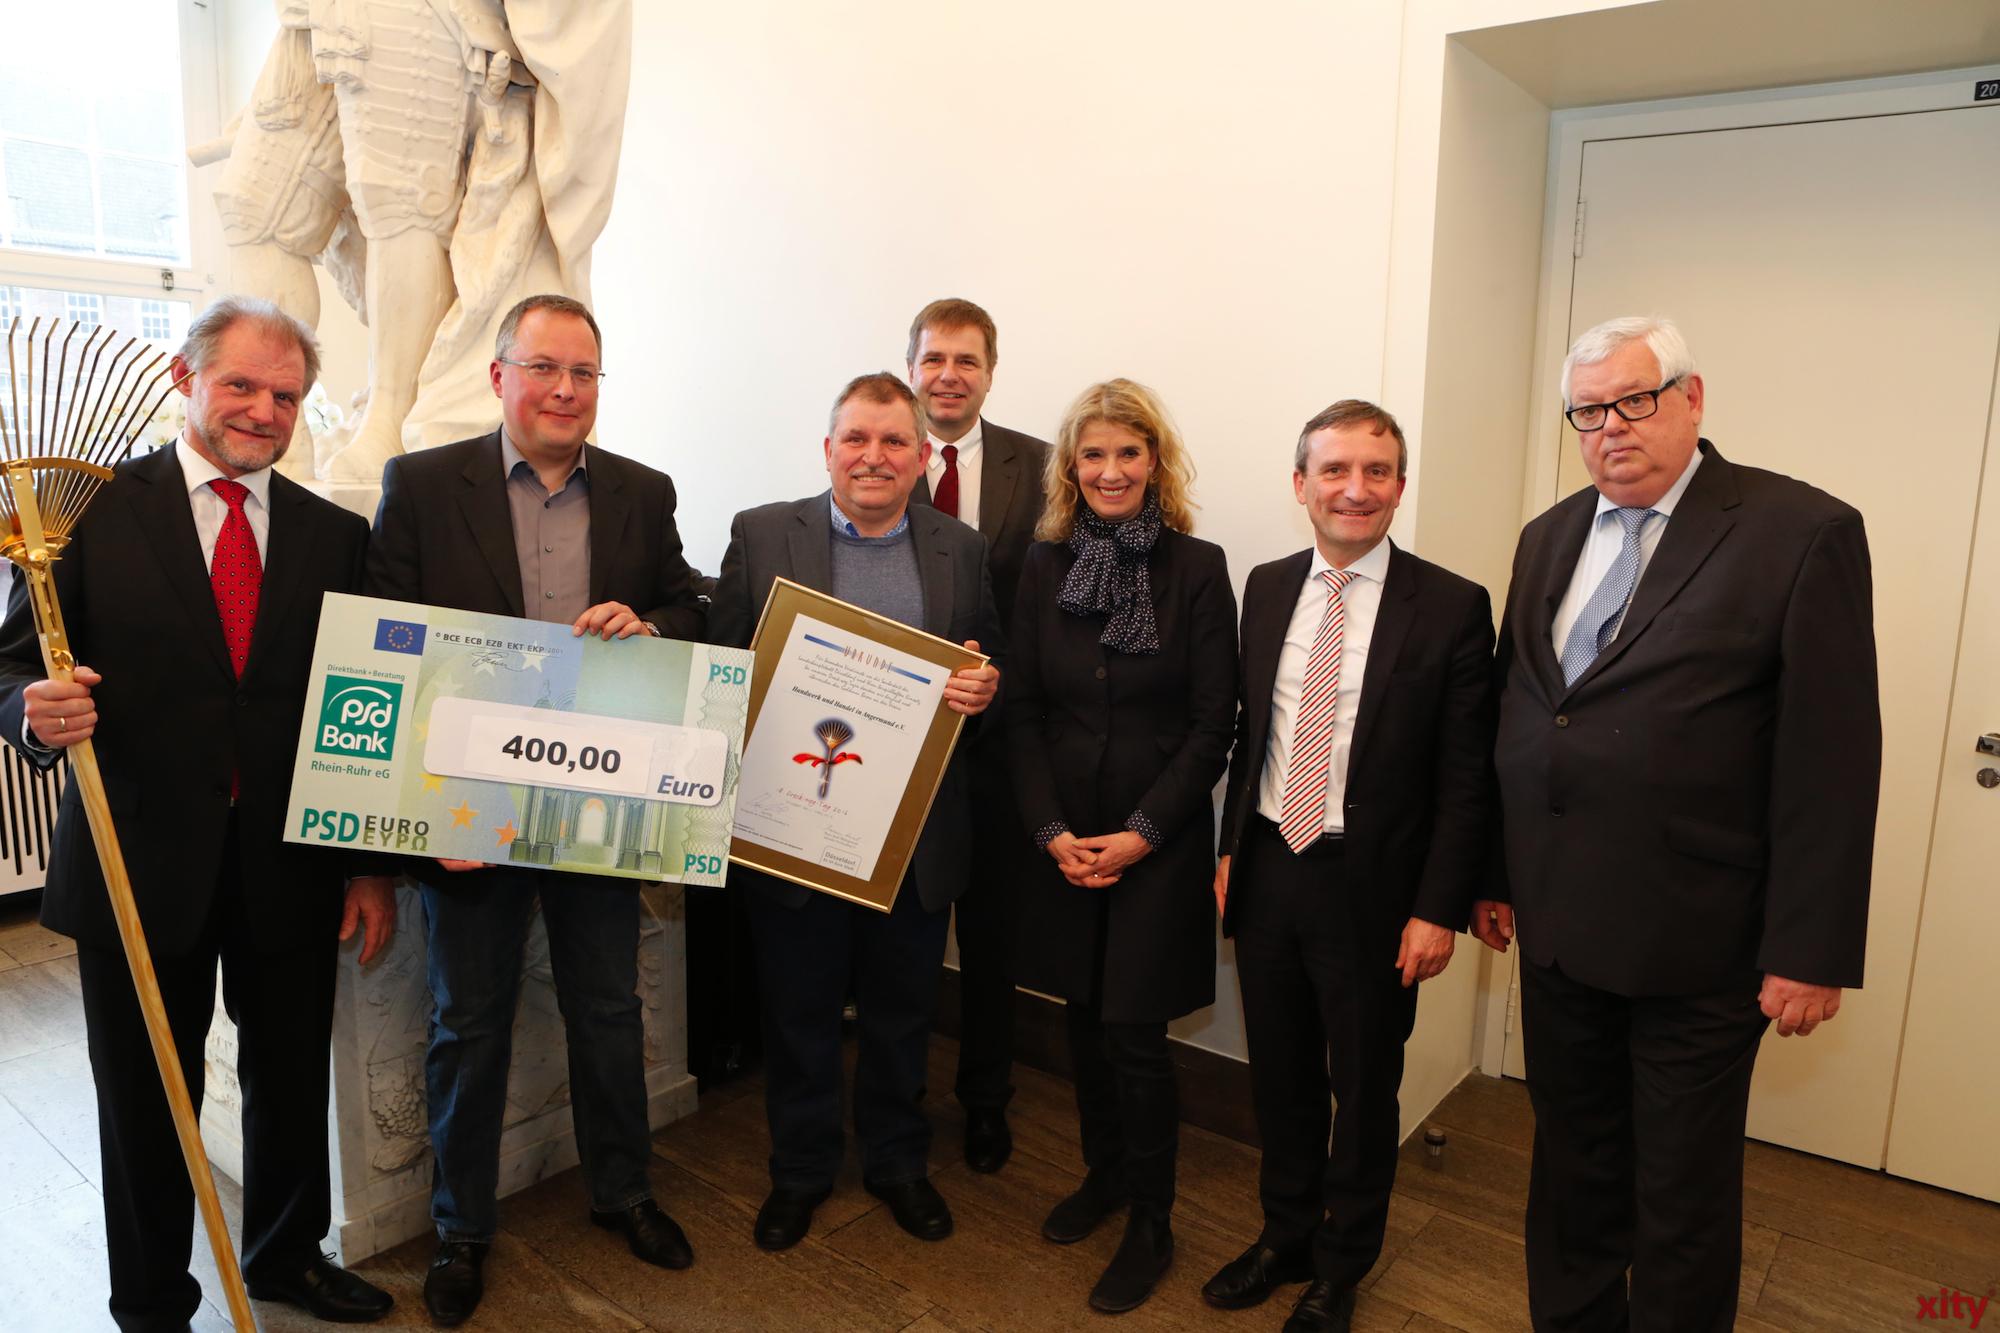 Werbegemeinschaft Handwerk und Handel in Angermund e.V. (Foto: xity)